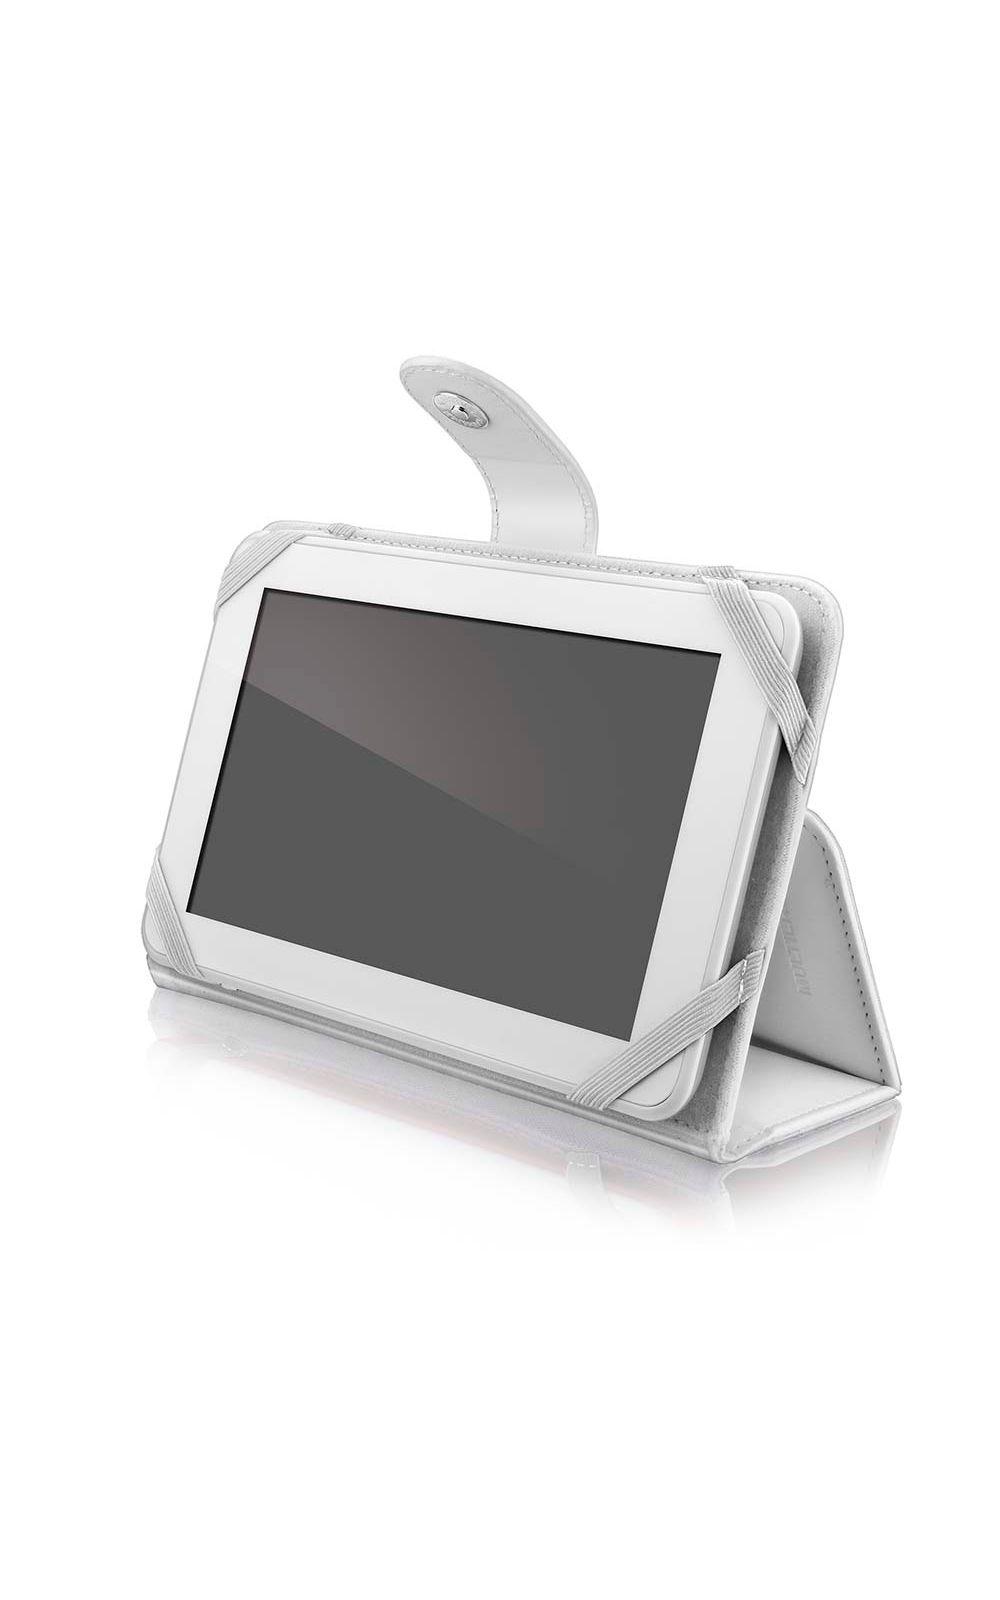 Foto 3 - Capa Para Tablet 7 Pol. Multilaser Branco - BO215